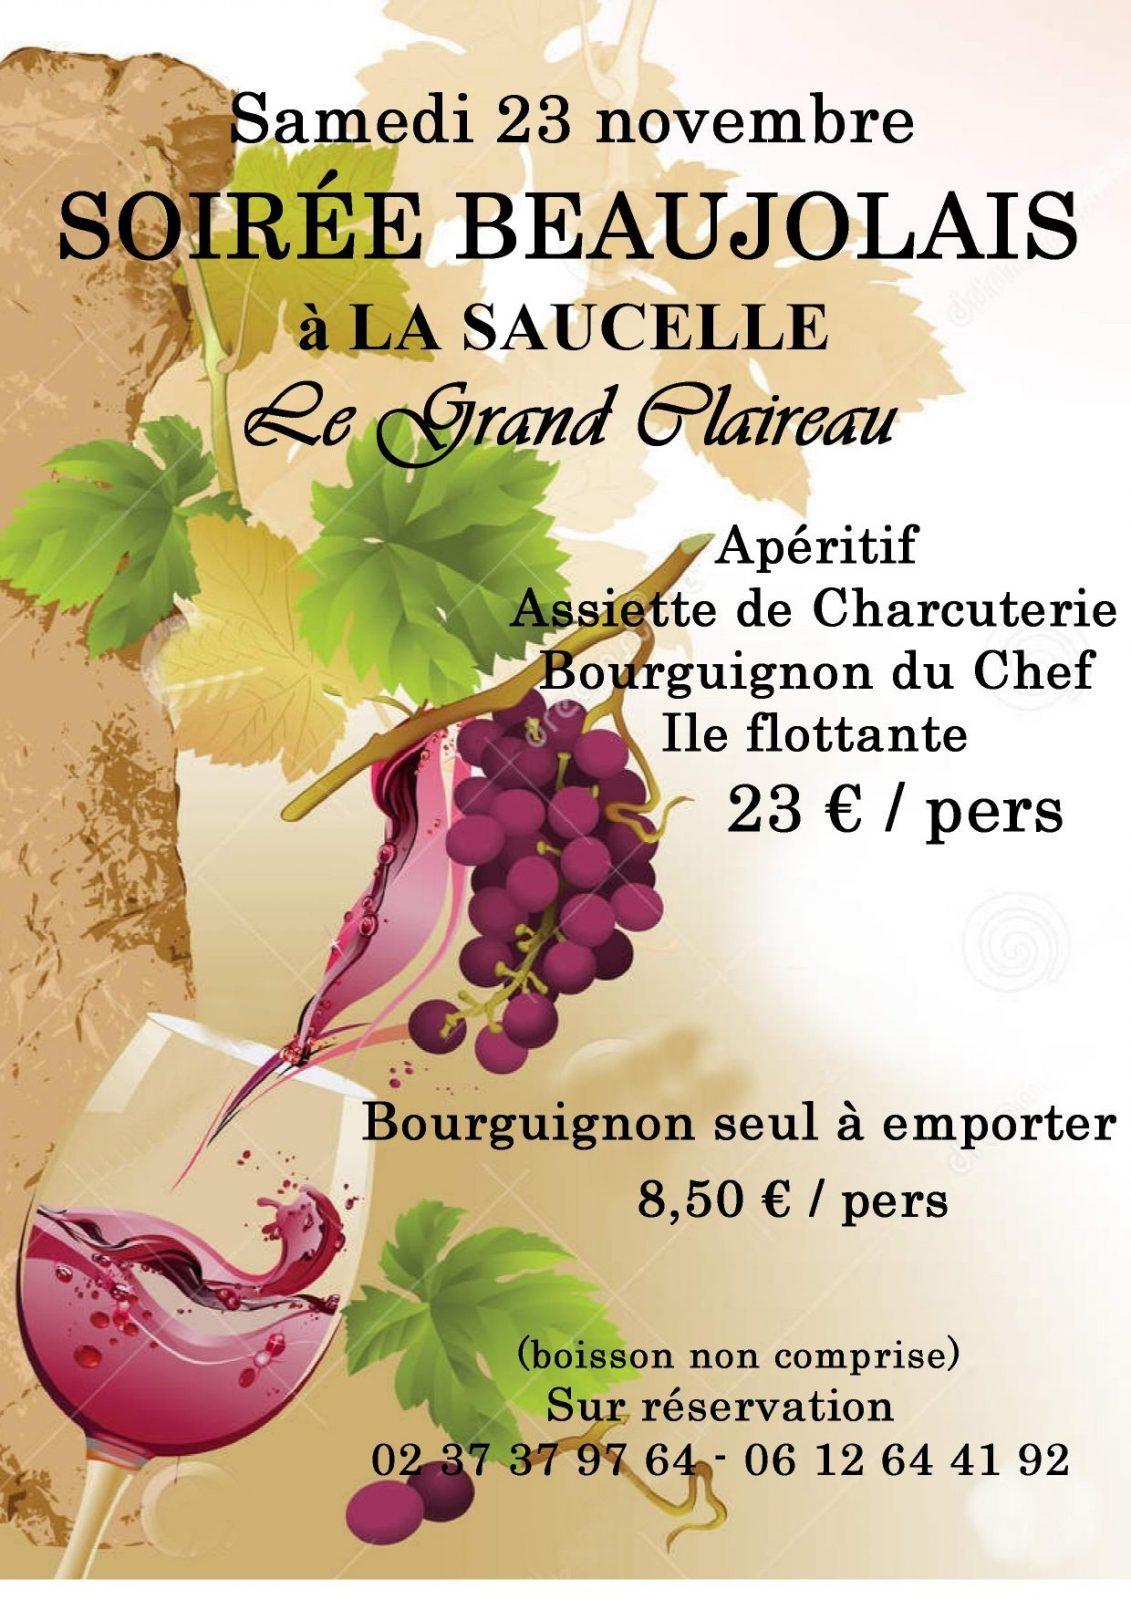 Soirée beaujolais – Le Grand Claireau à LA SAUCELLE © le grand claireau